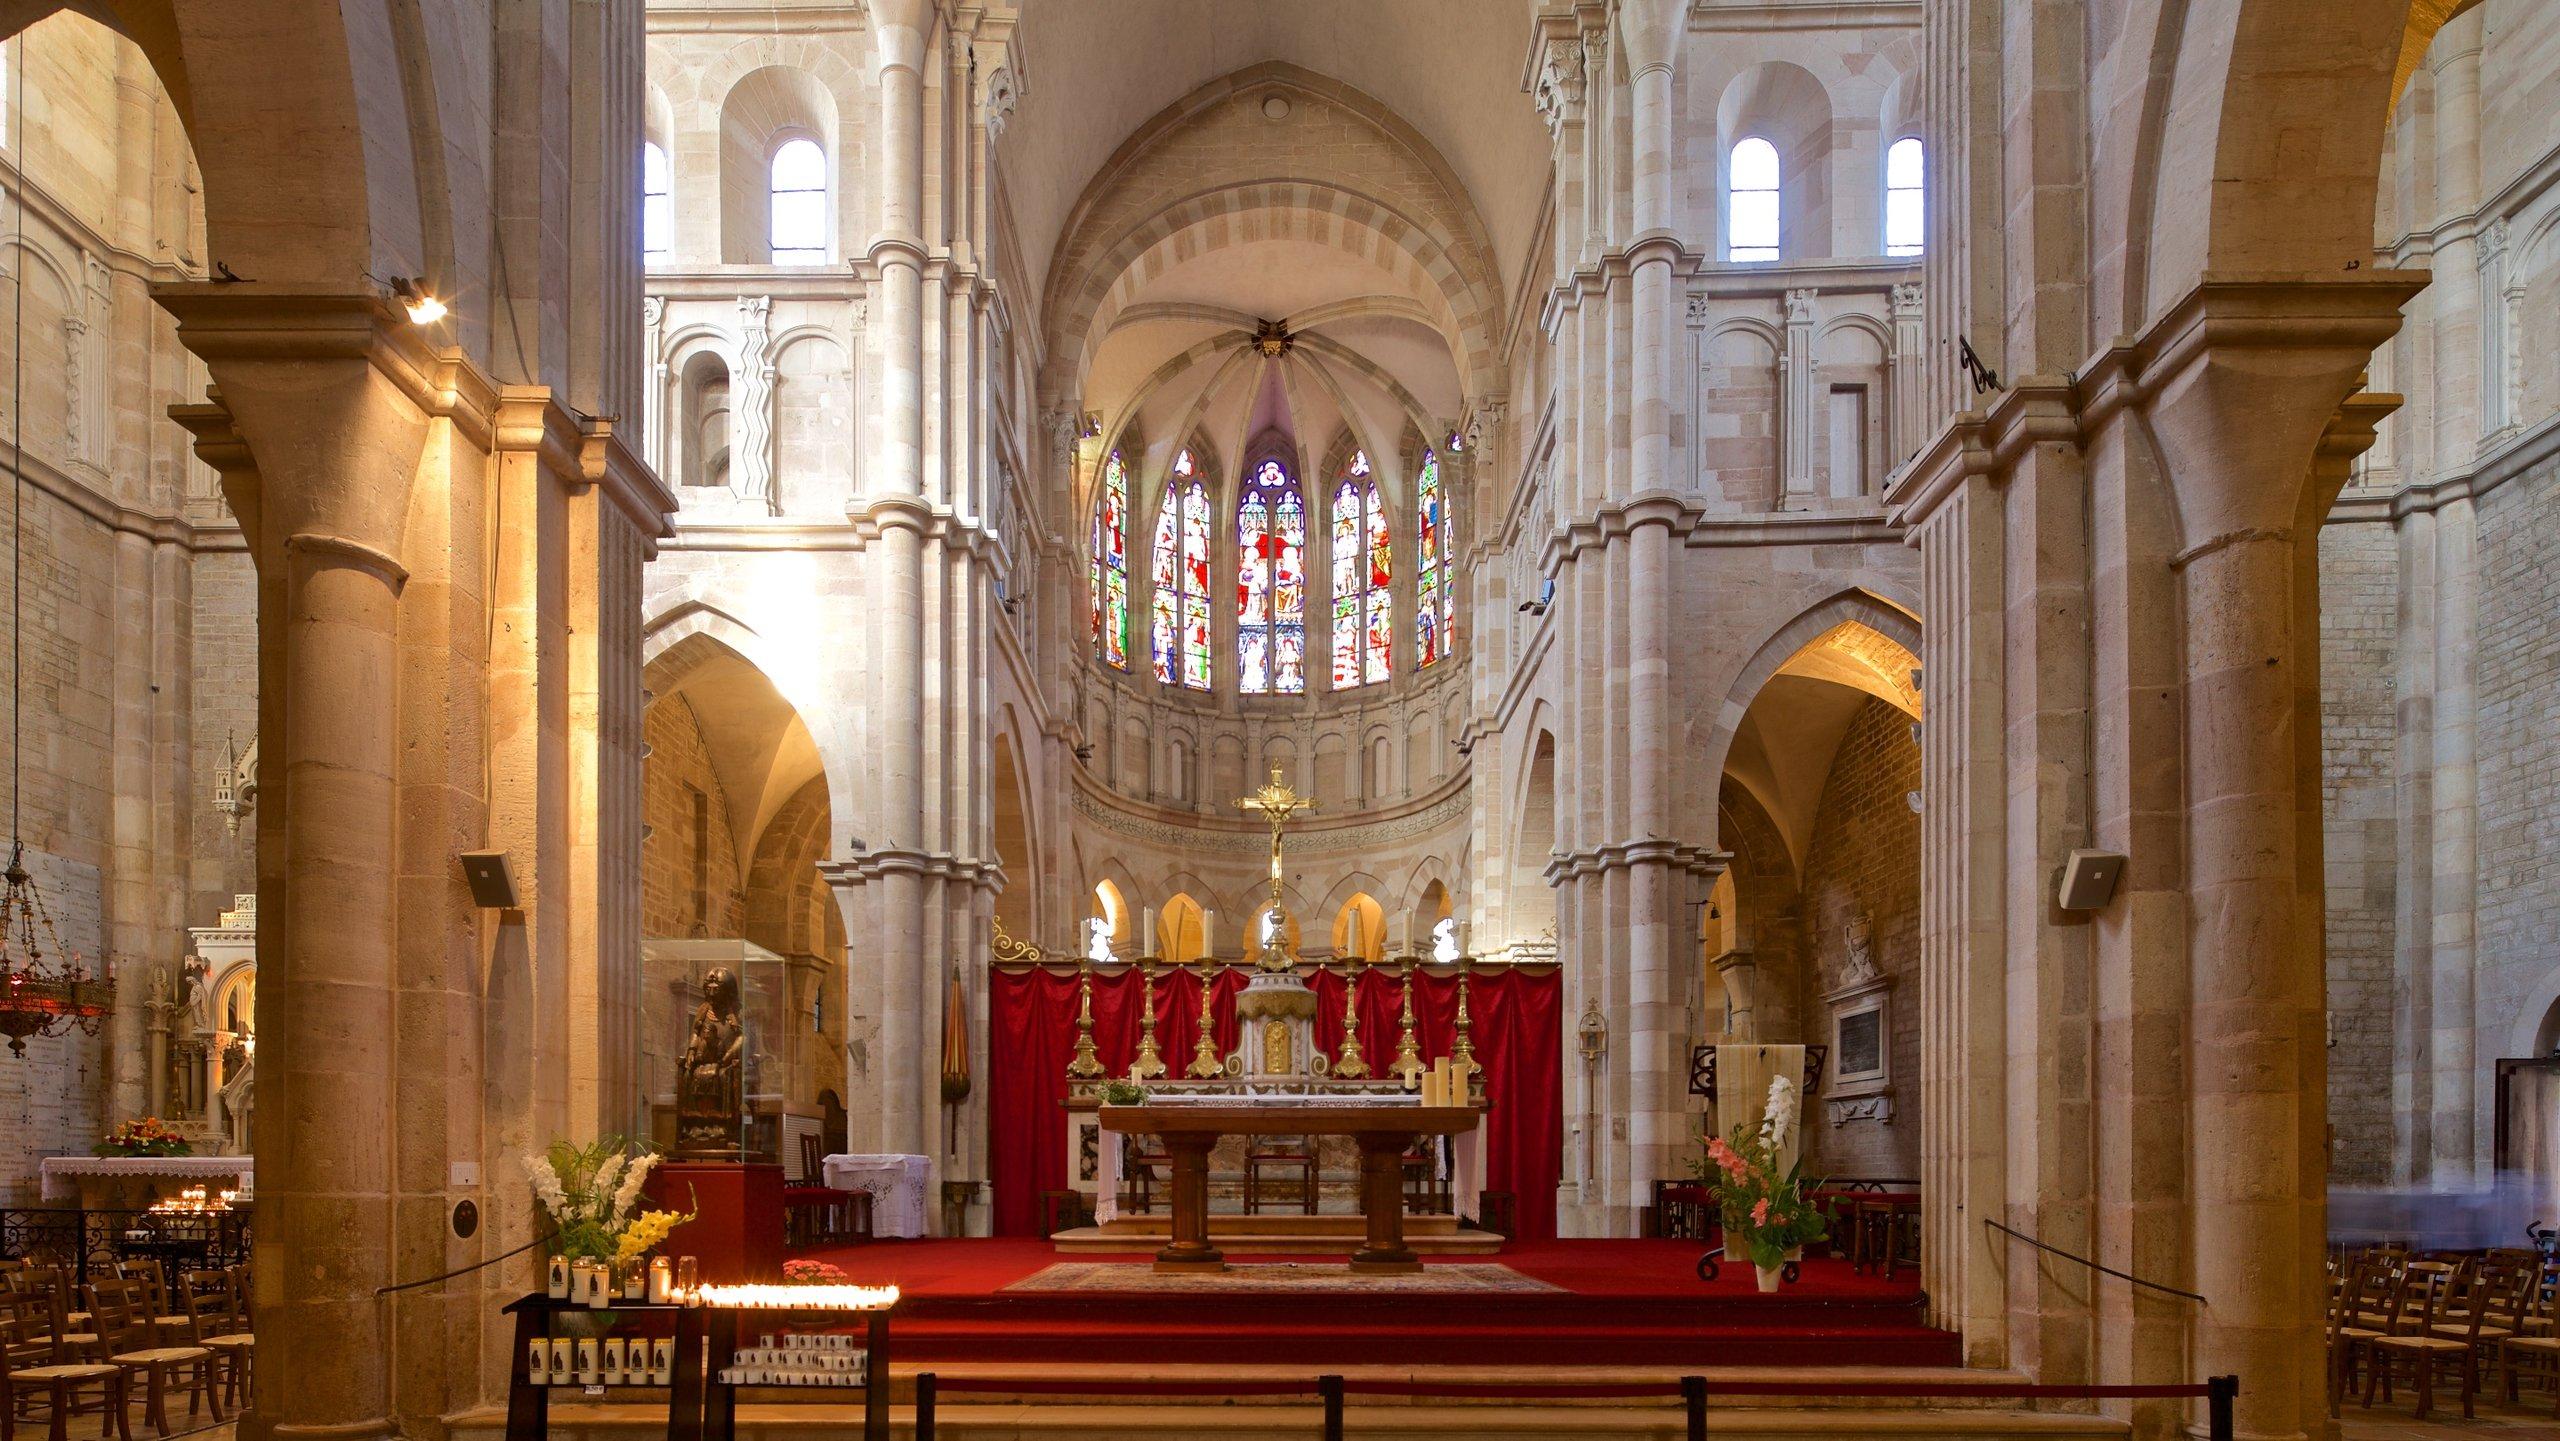 Datant de 1120, cette église romane dans le centre de Beaune est surtout connue pour ses impressionnantes tapisseries du XVe siècle.